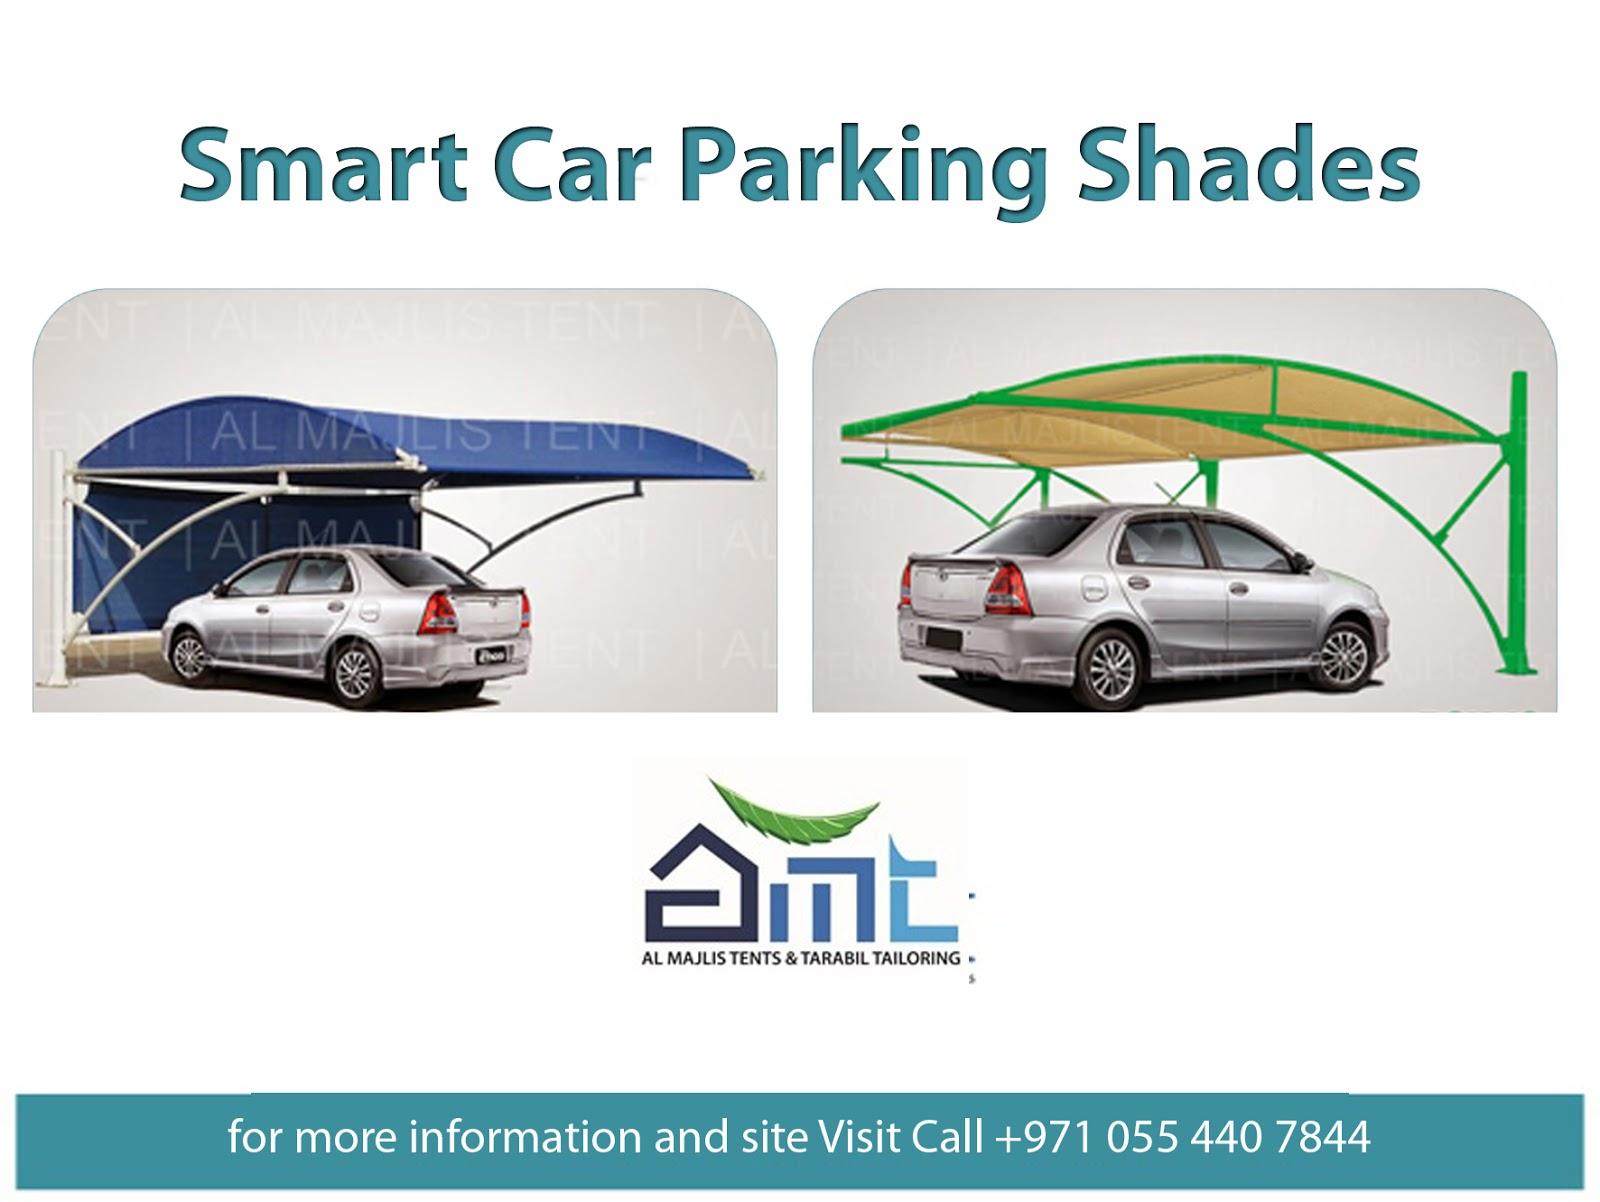 Creative Car Parking Shades Ideas In Uae Car Parking Shade Sail